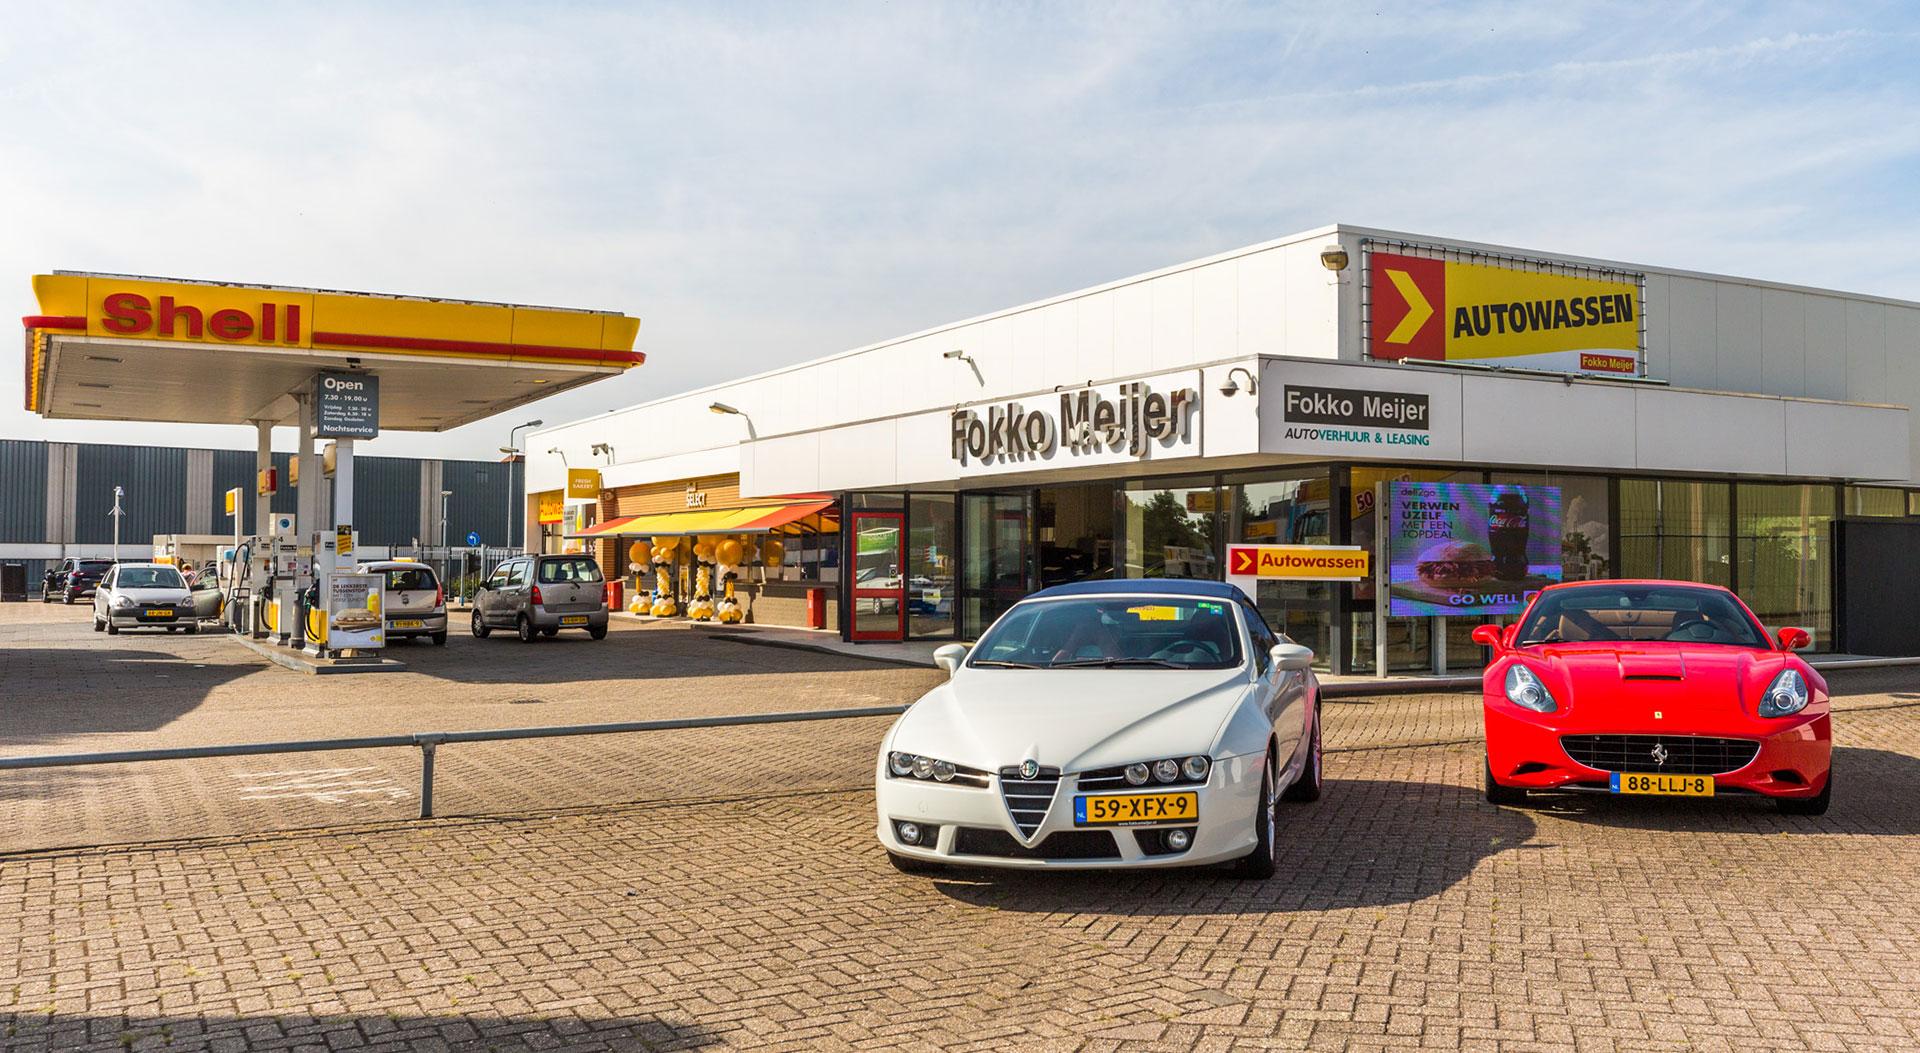 Shell tankstation Fokko Meijer Doetinchem